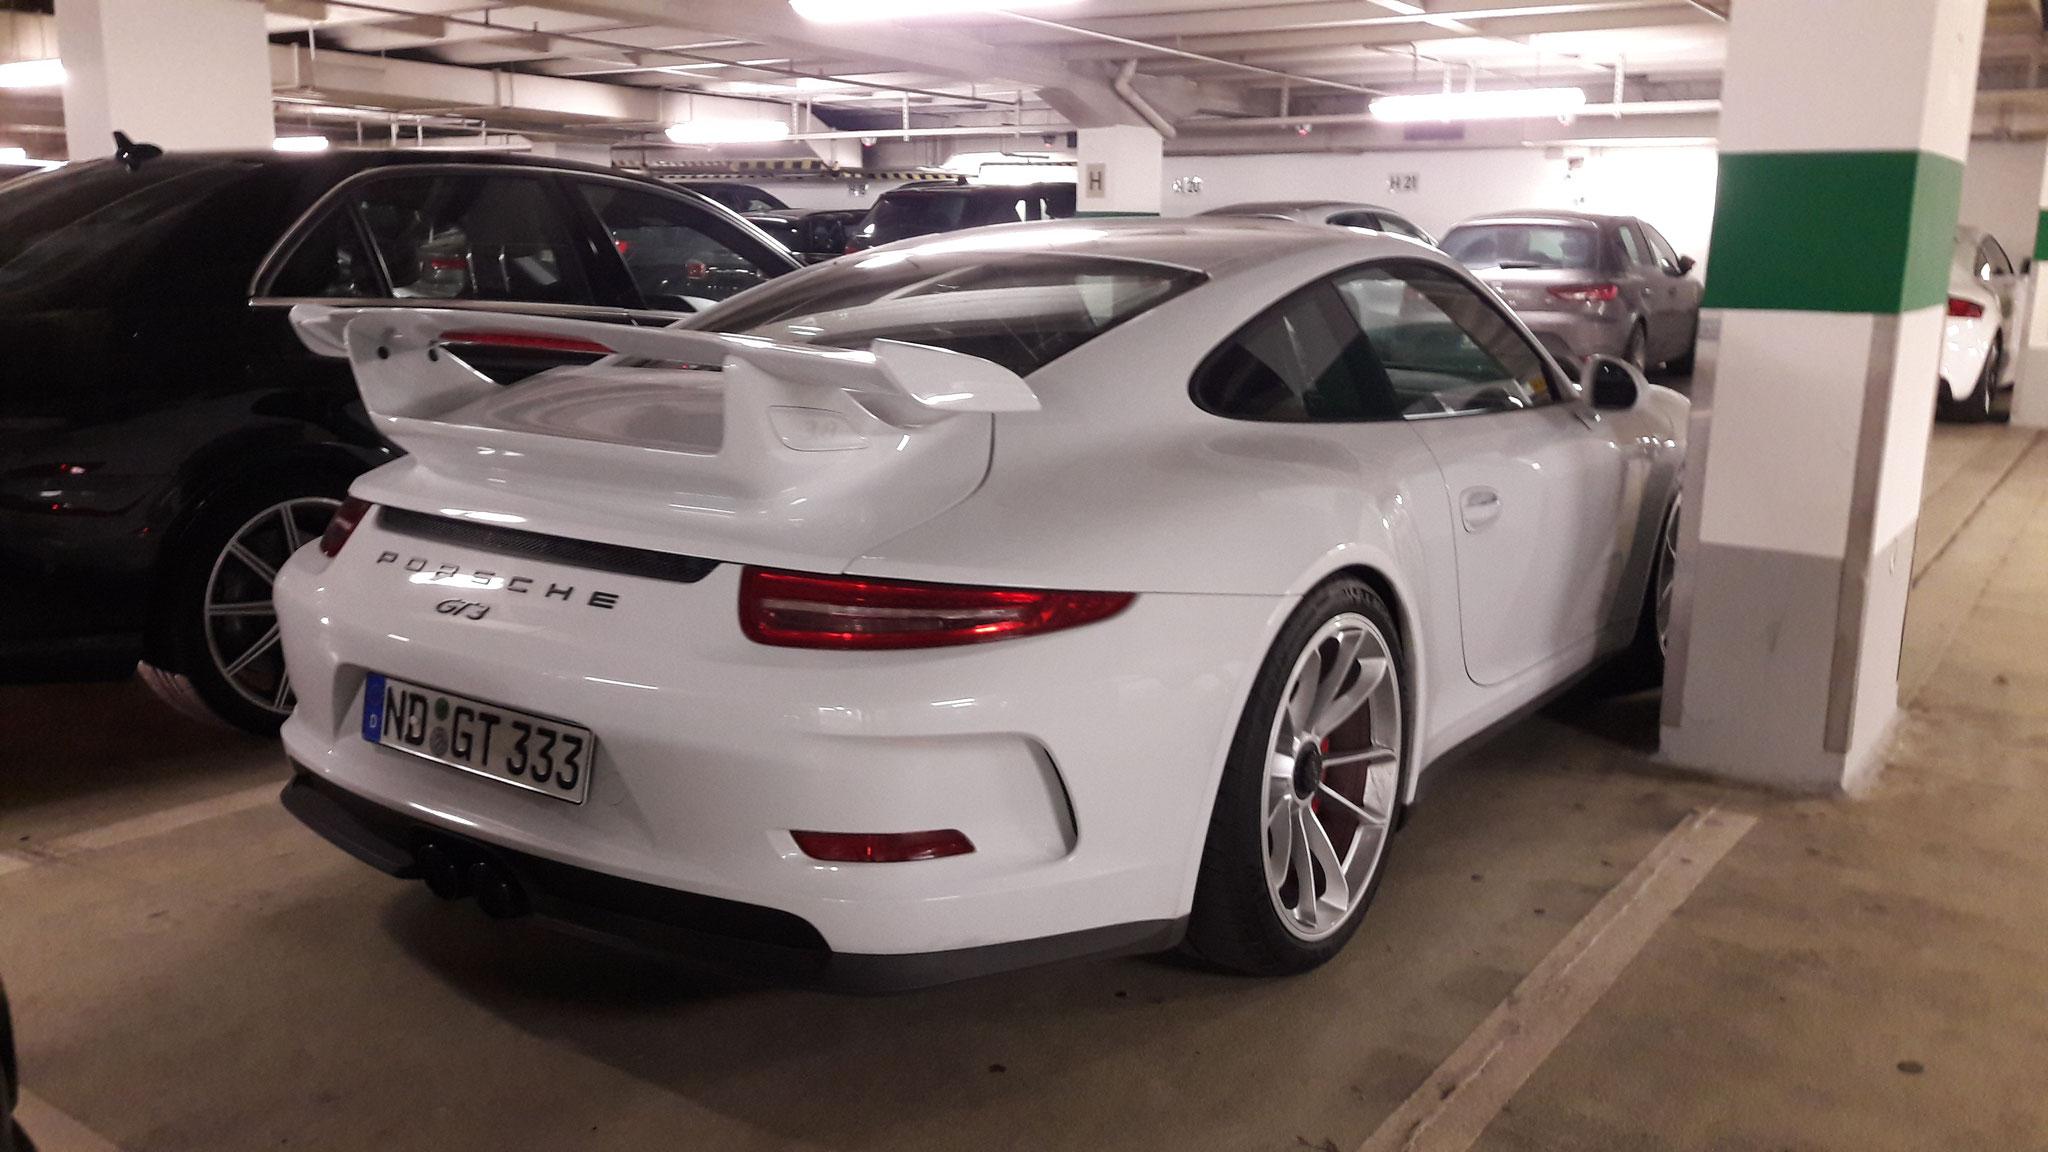 Porsche 991 GT3 - ND-GT-333